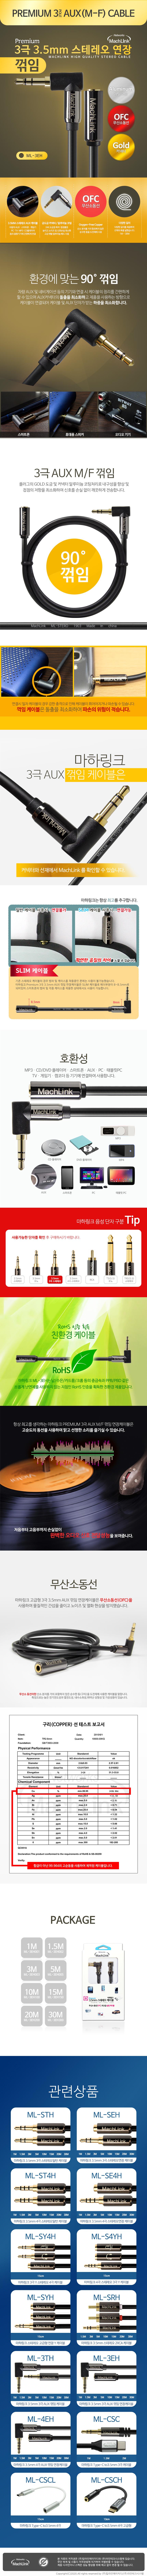 마하링크 3.5mm 3극 스테레오 AUX 꺾임 연장 케이블 (ML-3EH150, 15m)